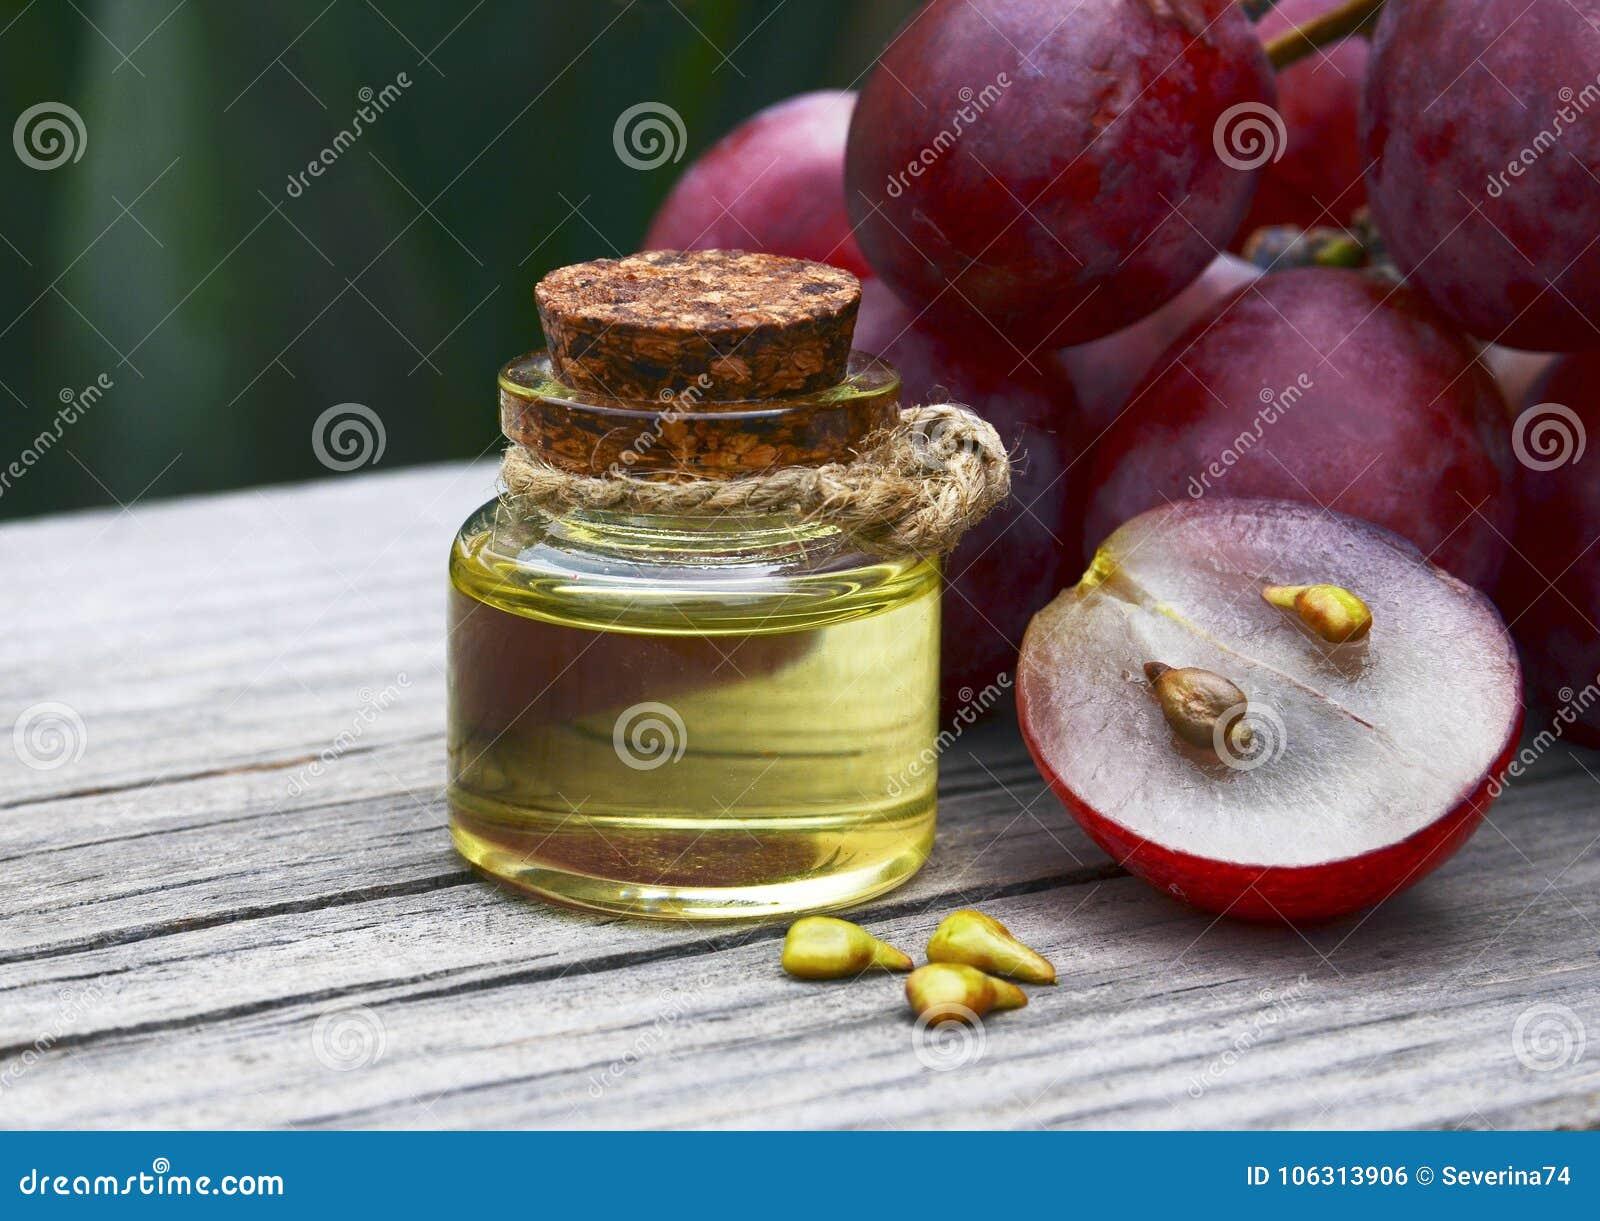 Έλαιο σπόρου σταφυλιών σε ένα βάζο γυαλιού και φρέσκα σταφύλια στον παλαιό ξύλινο πίνακα Μπουκάλι του οργανικού πετρελαίου σπόρου